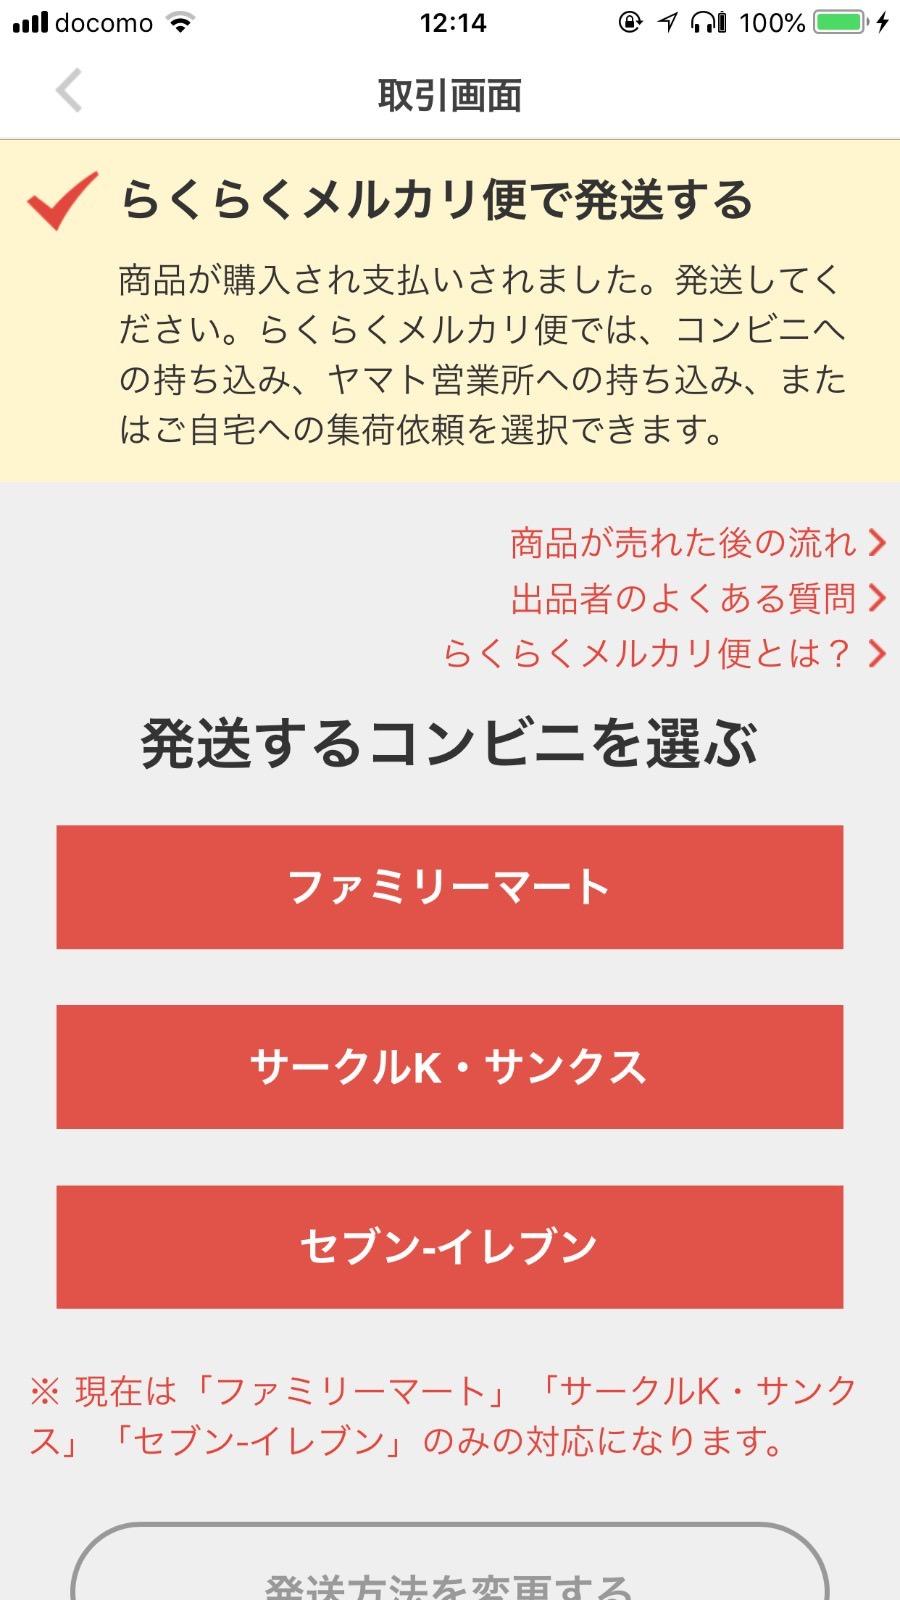 らくらくメルカリ便 セブンイレブン 03